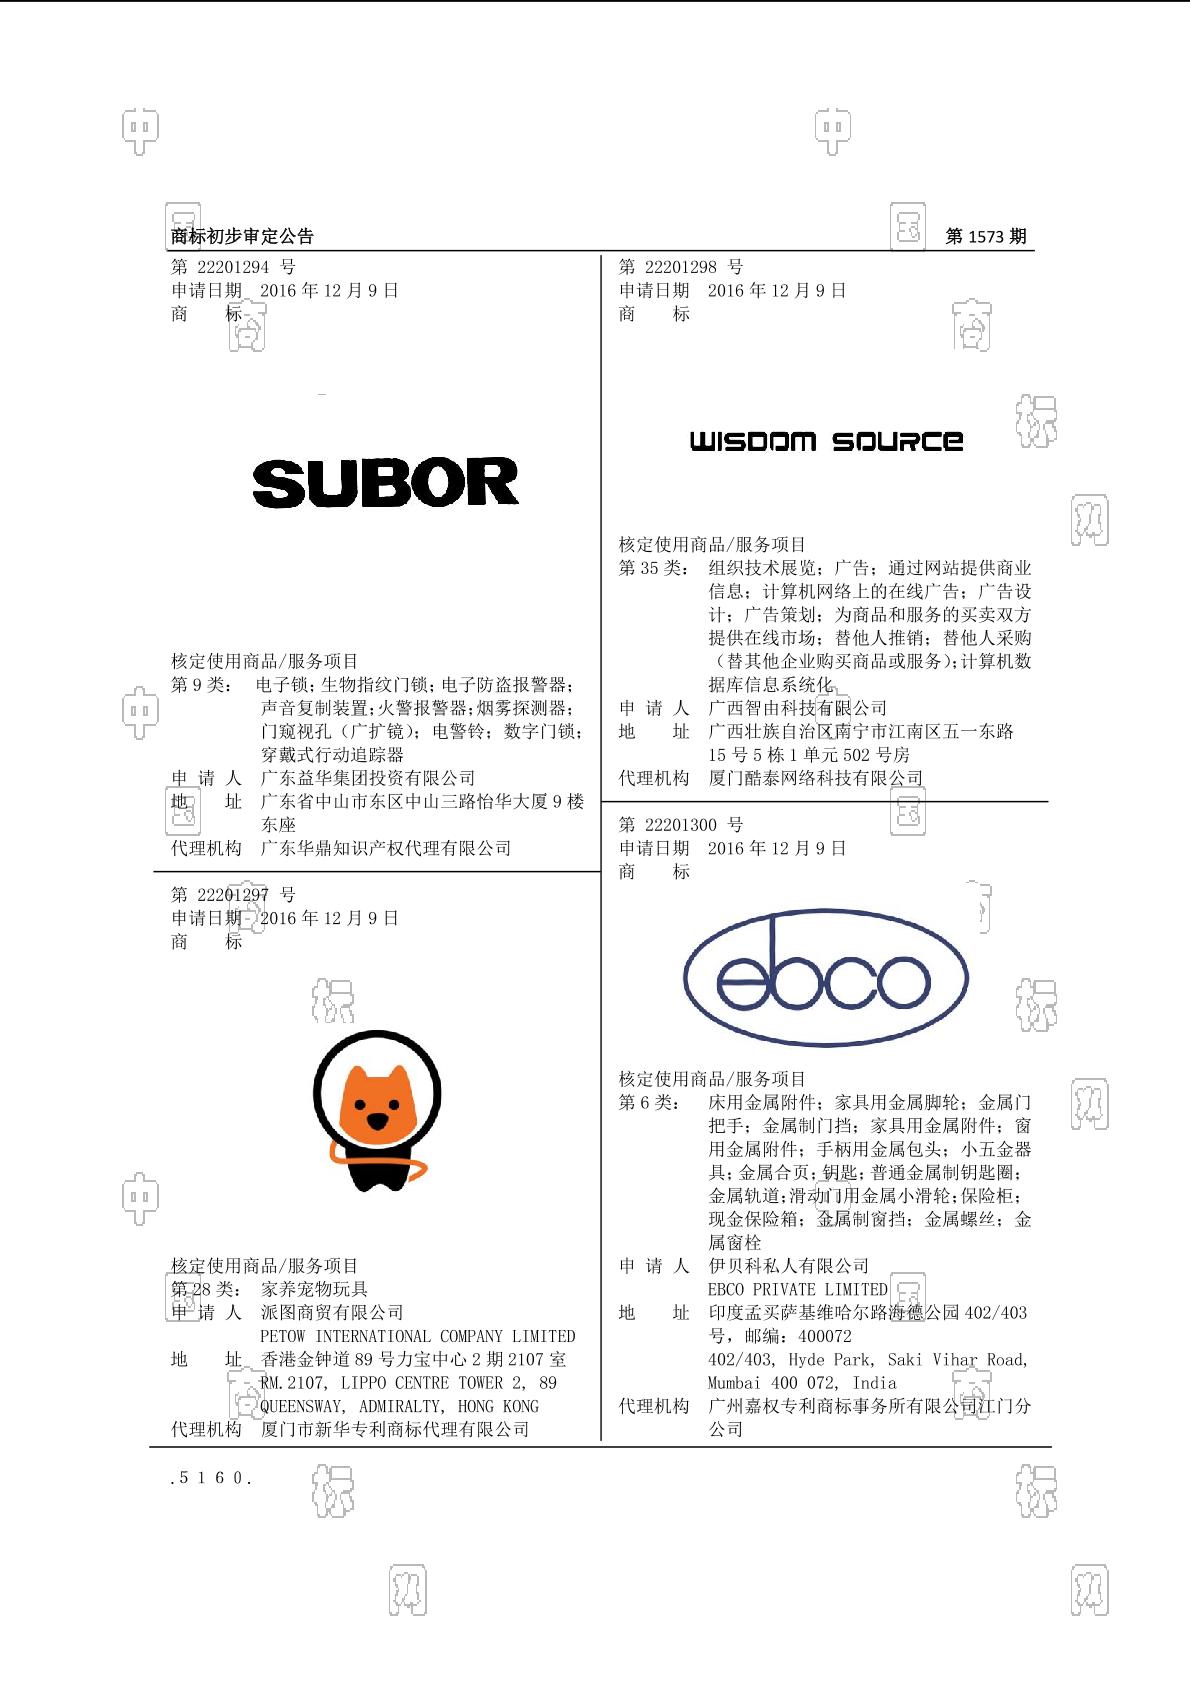 【社标网】22201297商标状态注册号信息 派图商贸有限公司商标信息-商标查询